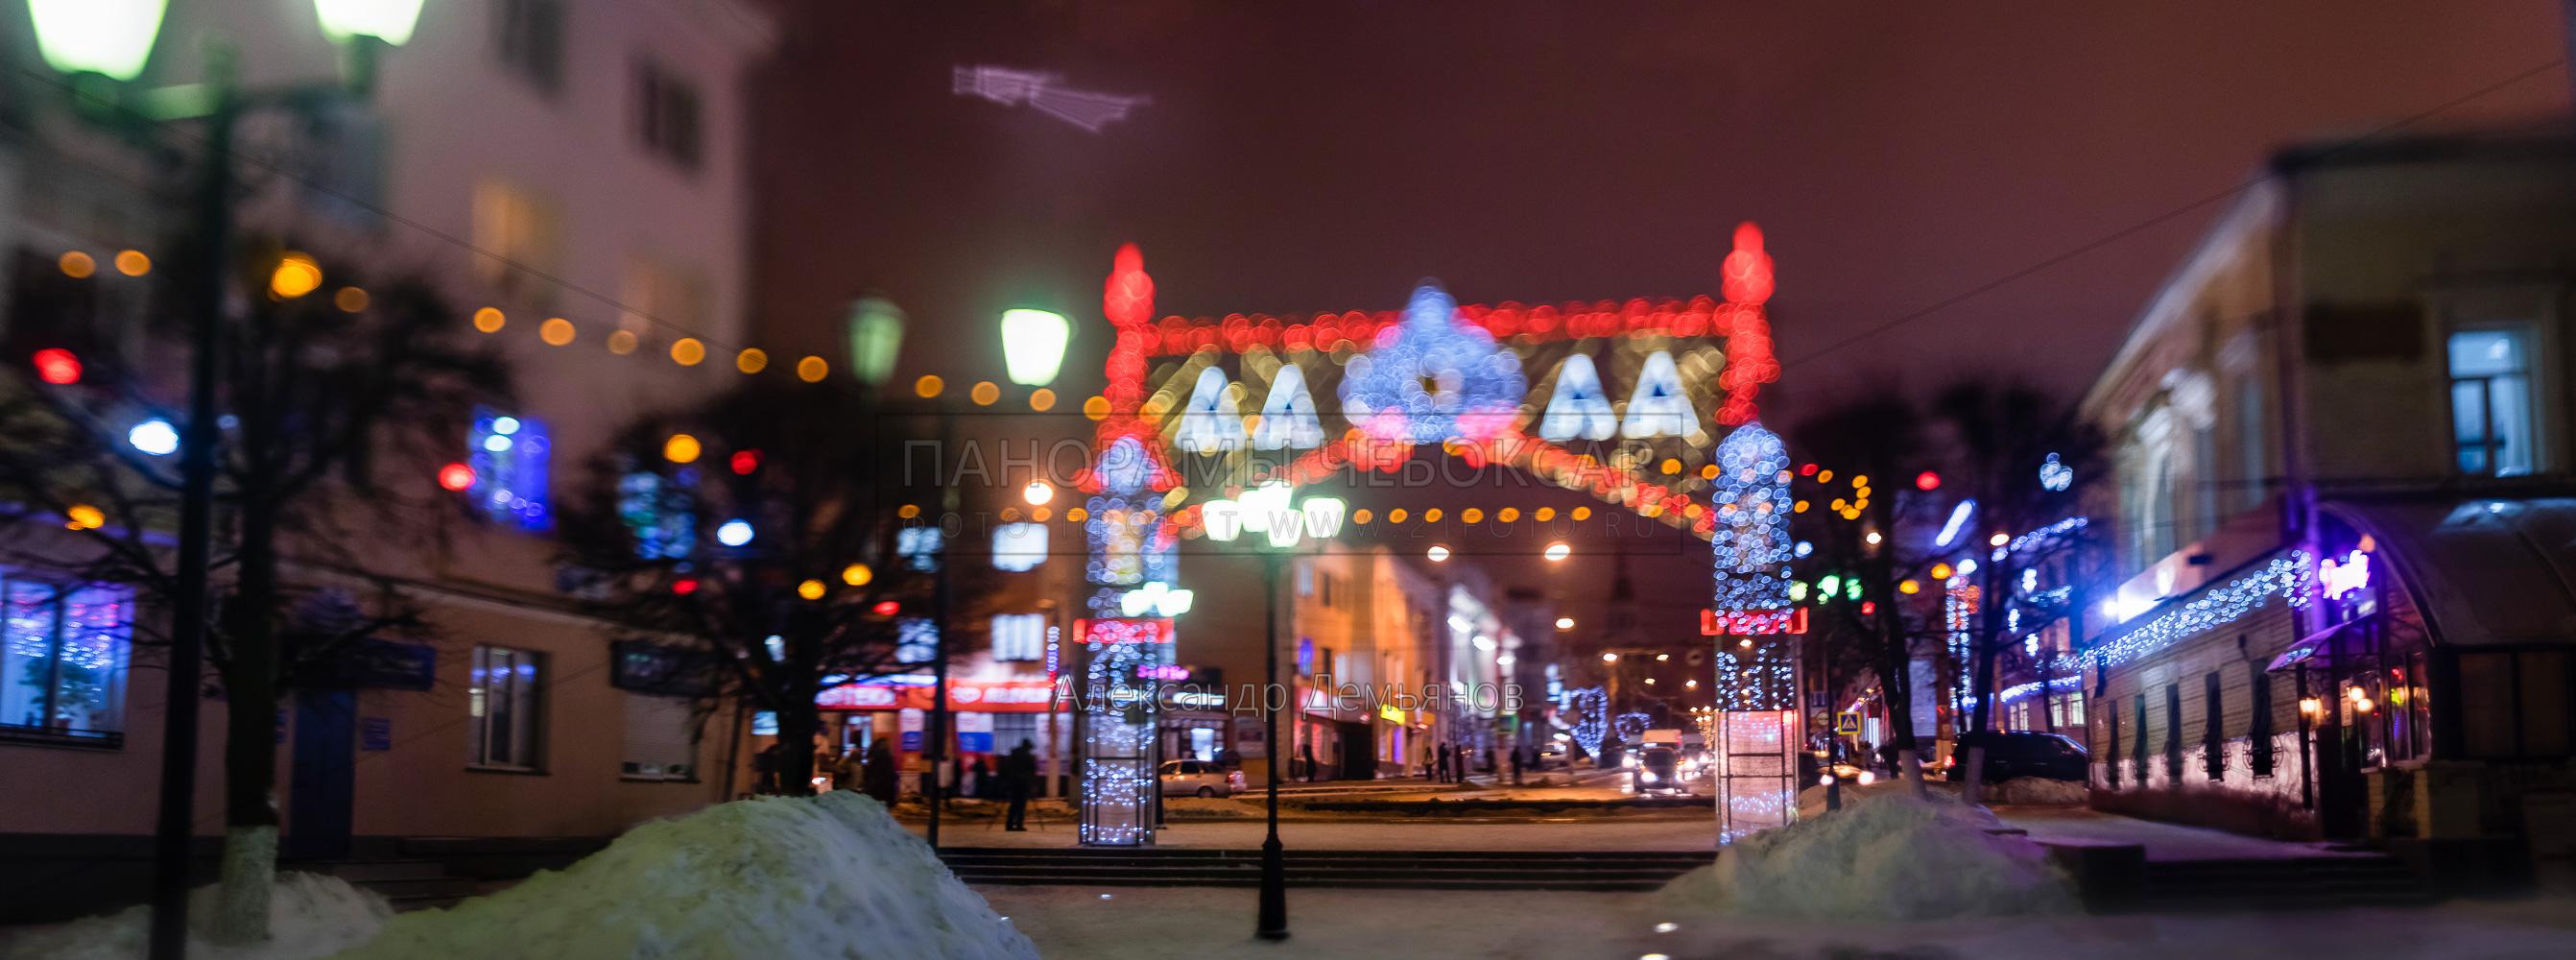 Новогоднее оформление Бульвар Купца Ефремова, зима 2018